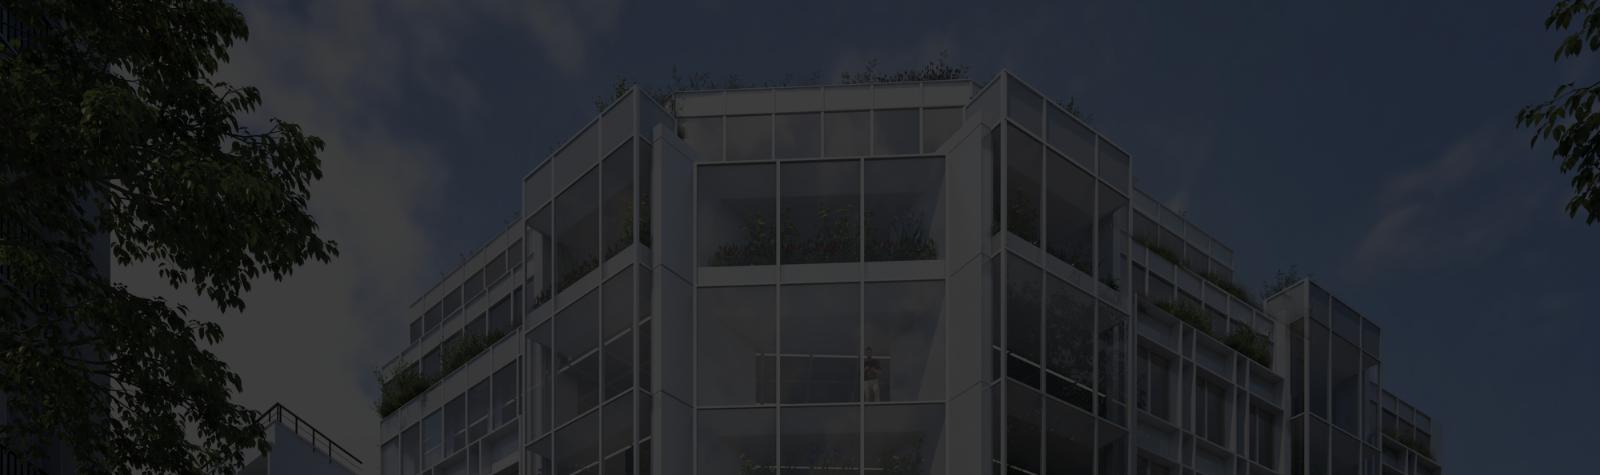 Générale Continentale Investissements (GCI) pré-commercialise un tiers de l'immeuble Belles Feuilles (Paris 16)